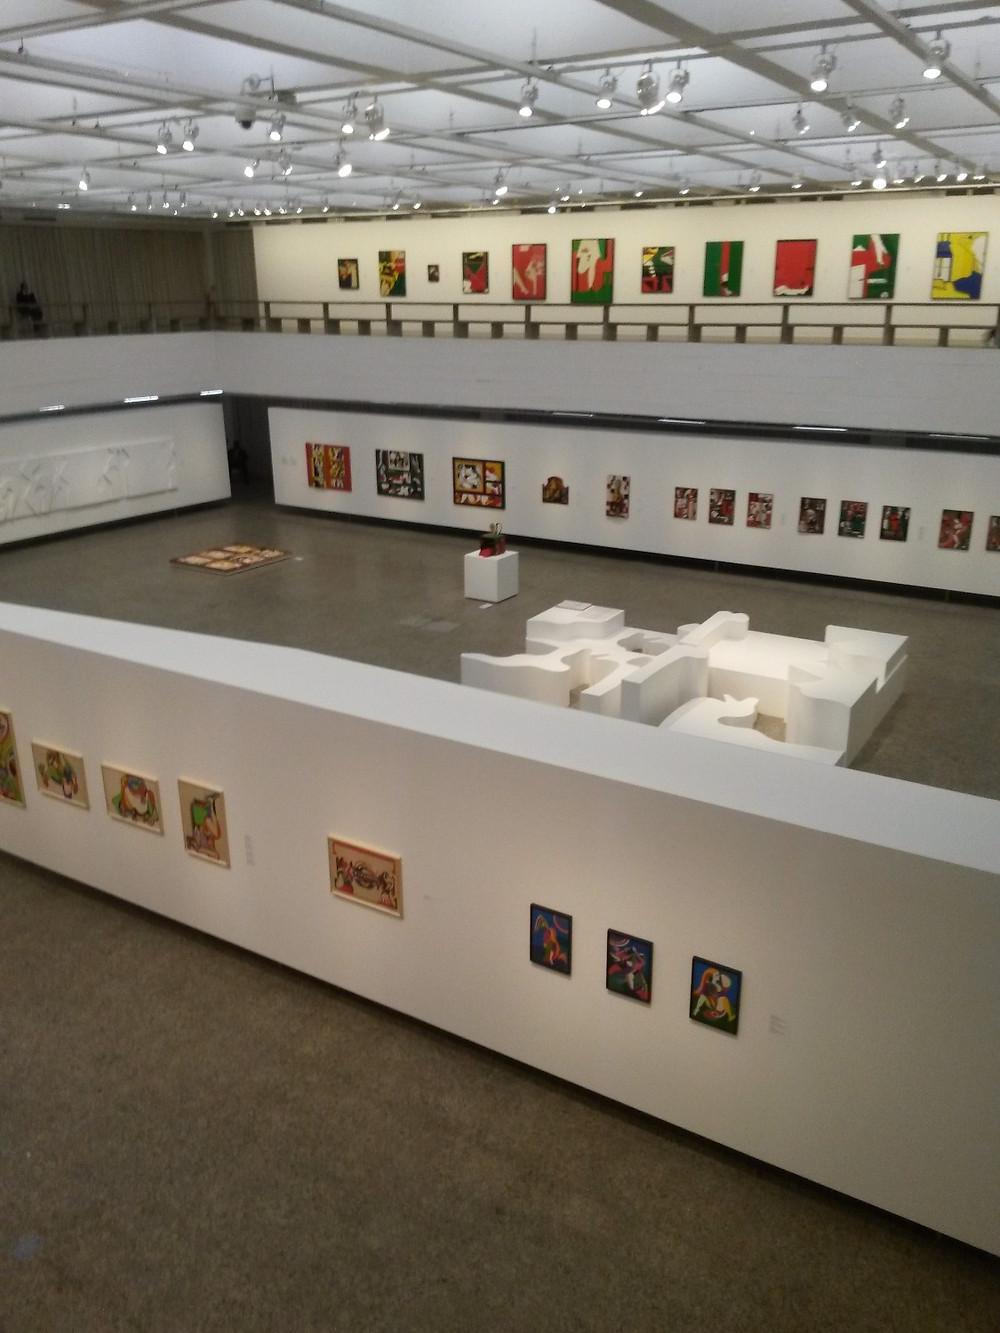 Visão superior da entrada dos subsolos, onde estão instaladas as exposições contemporâneas sobre sexualidade e gênero